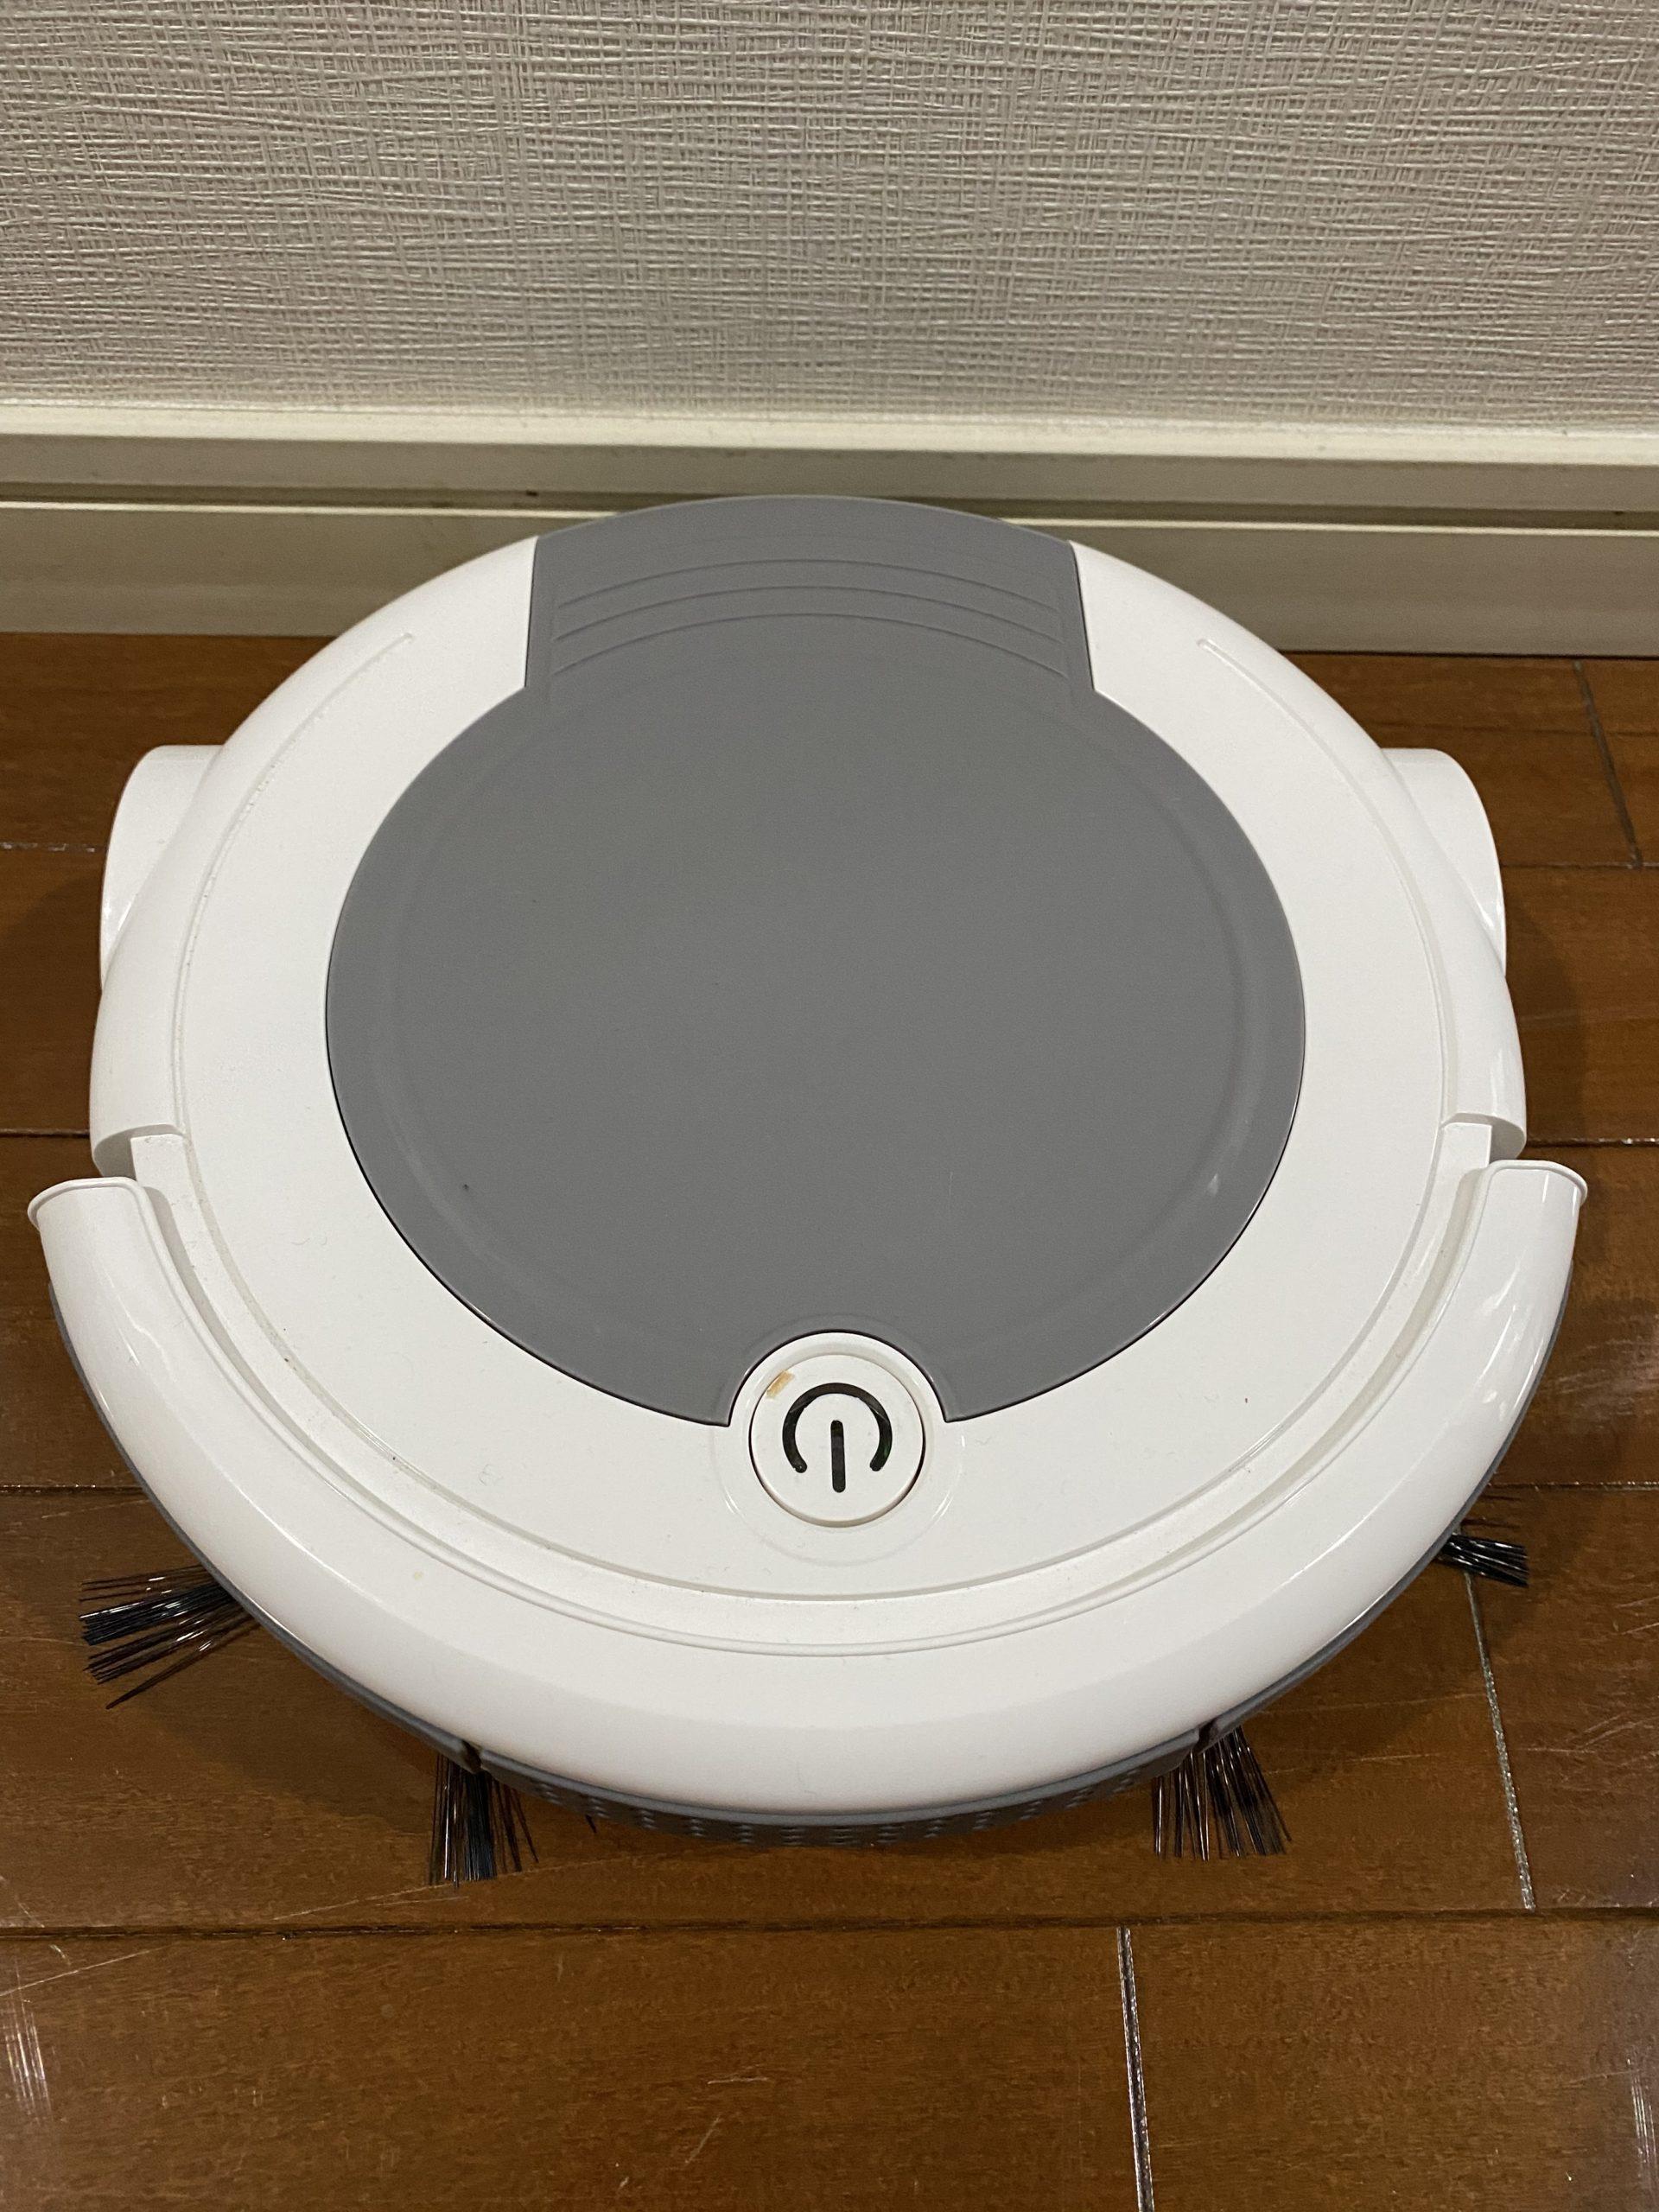 ロボット型掃除機